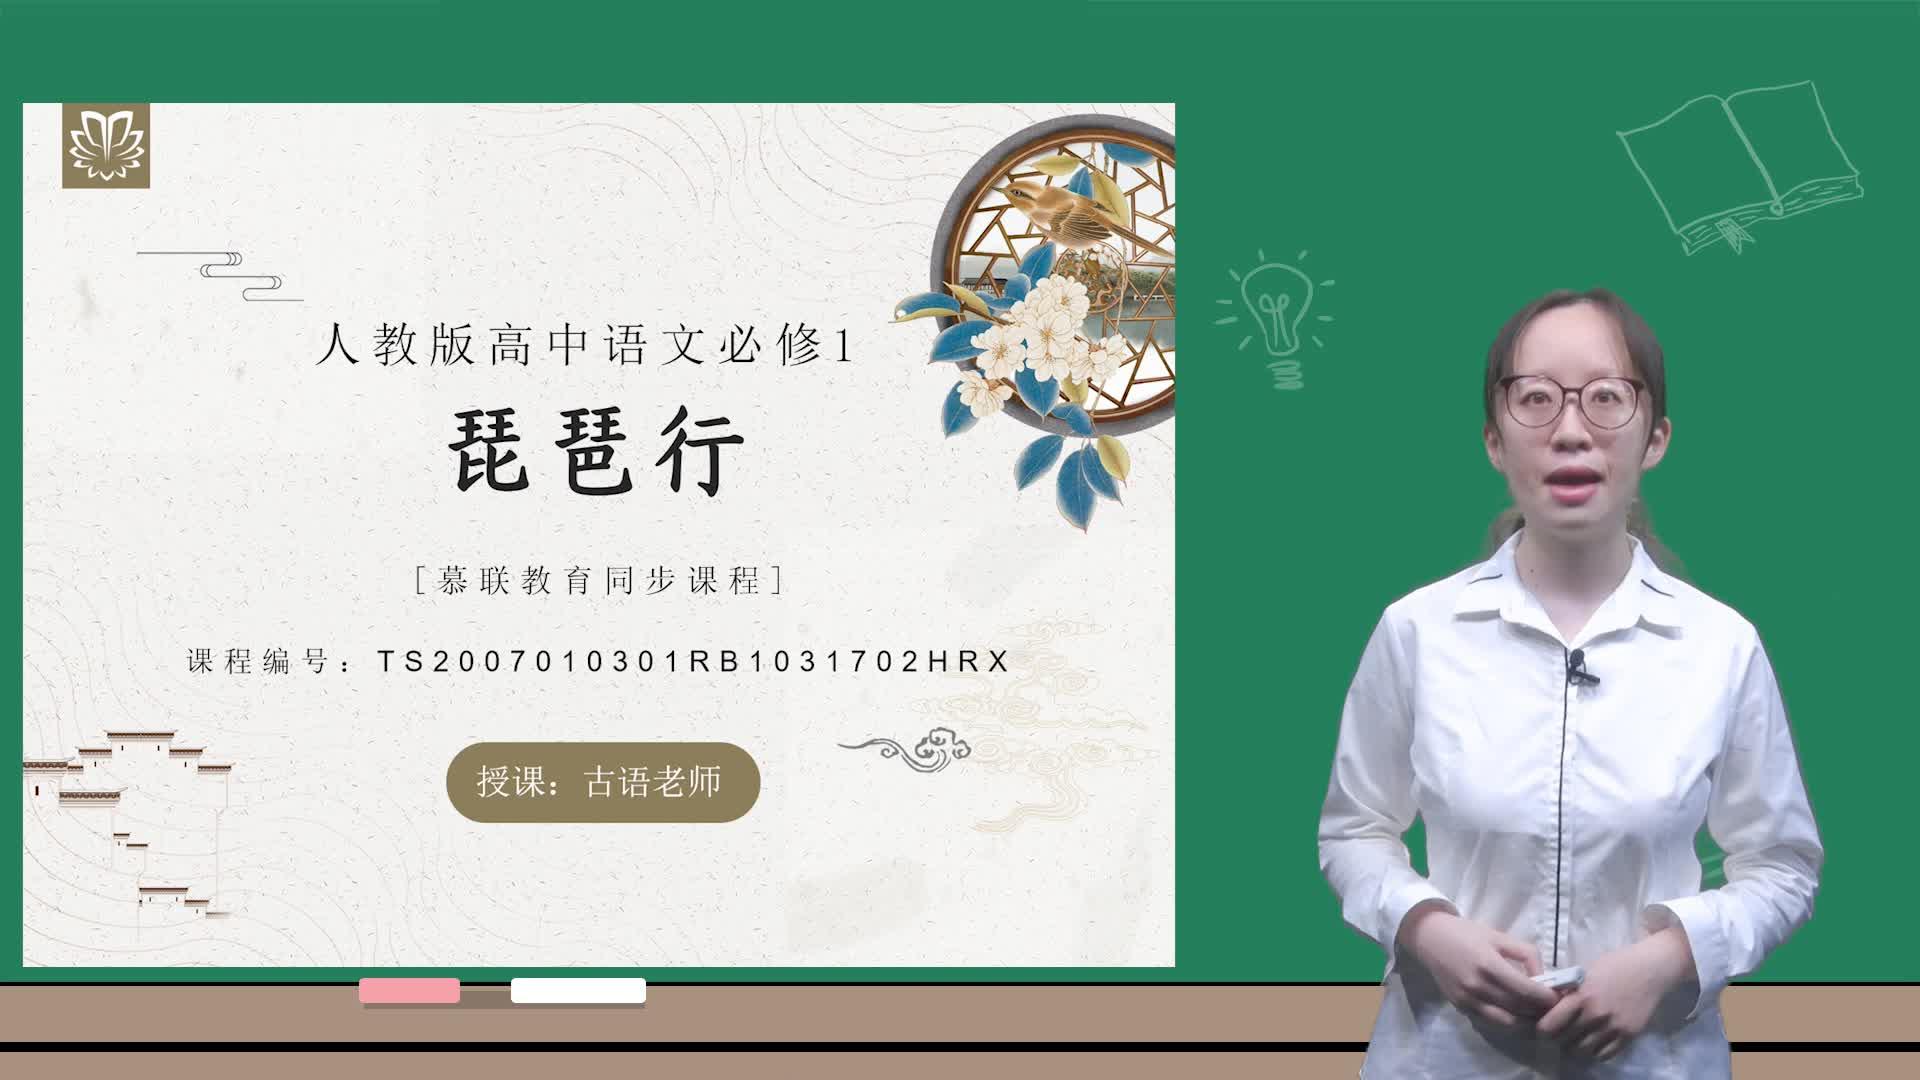 视频3.17.2琵琶行-【慕联】高中新教材完全同步统编版语文必修上册